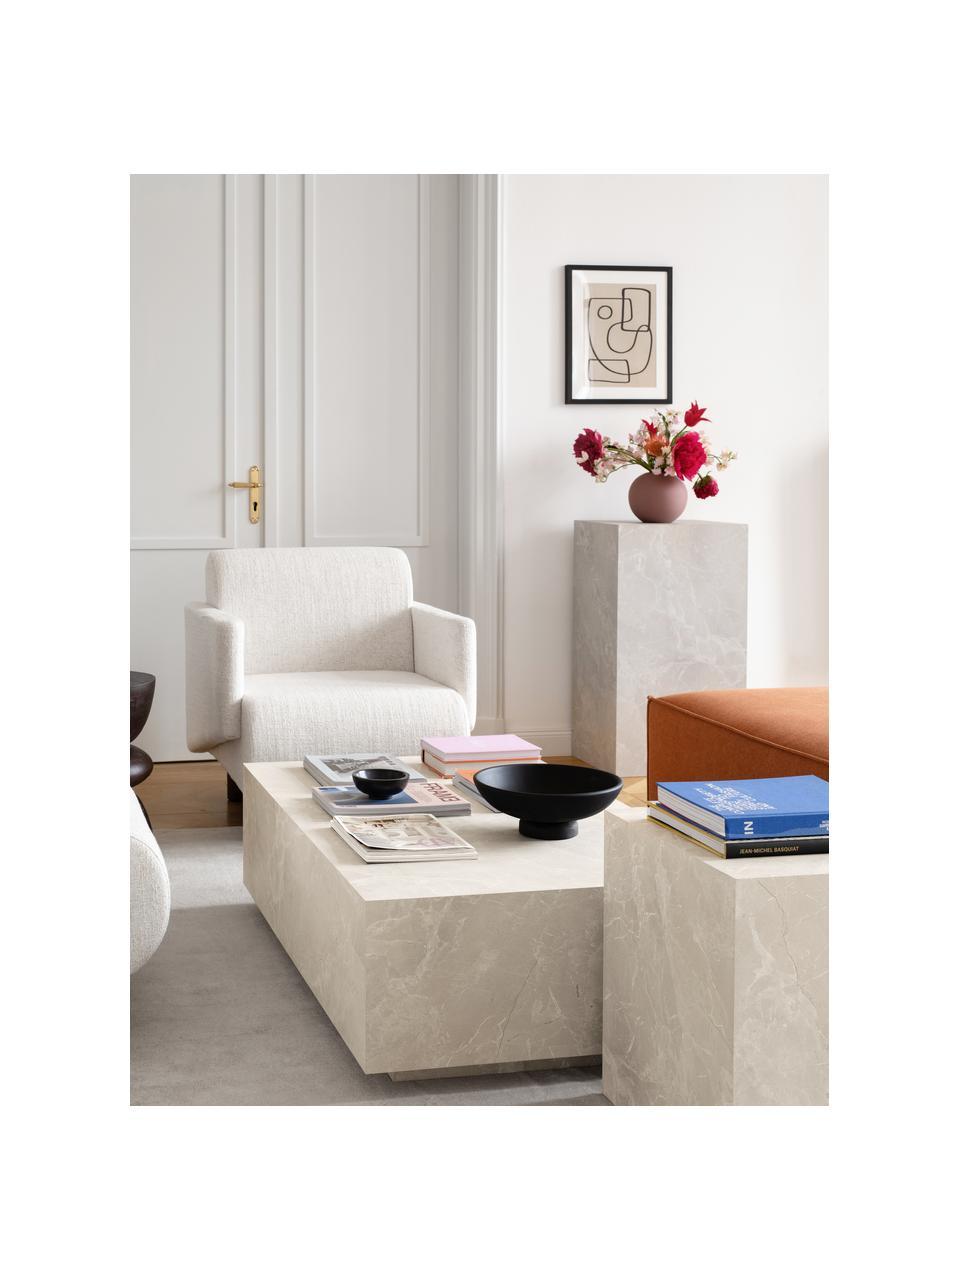 Tavolino da salotto effetto travertino Lesley, Pannello di fibra a media densità (MDF) rivestito con foglio di melamina, Beige, effetto travertino, Larg. 120 x Alt. 35 cm